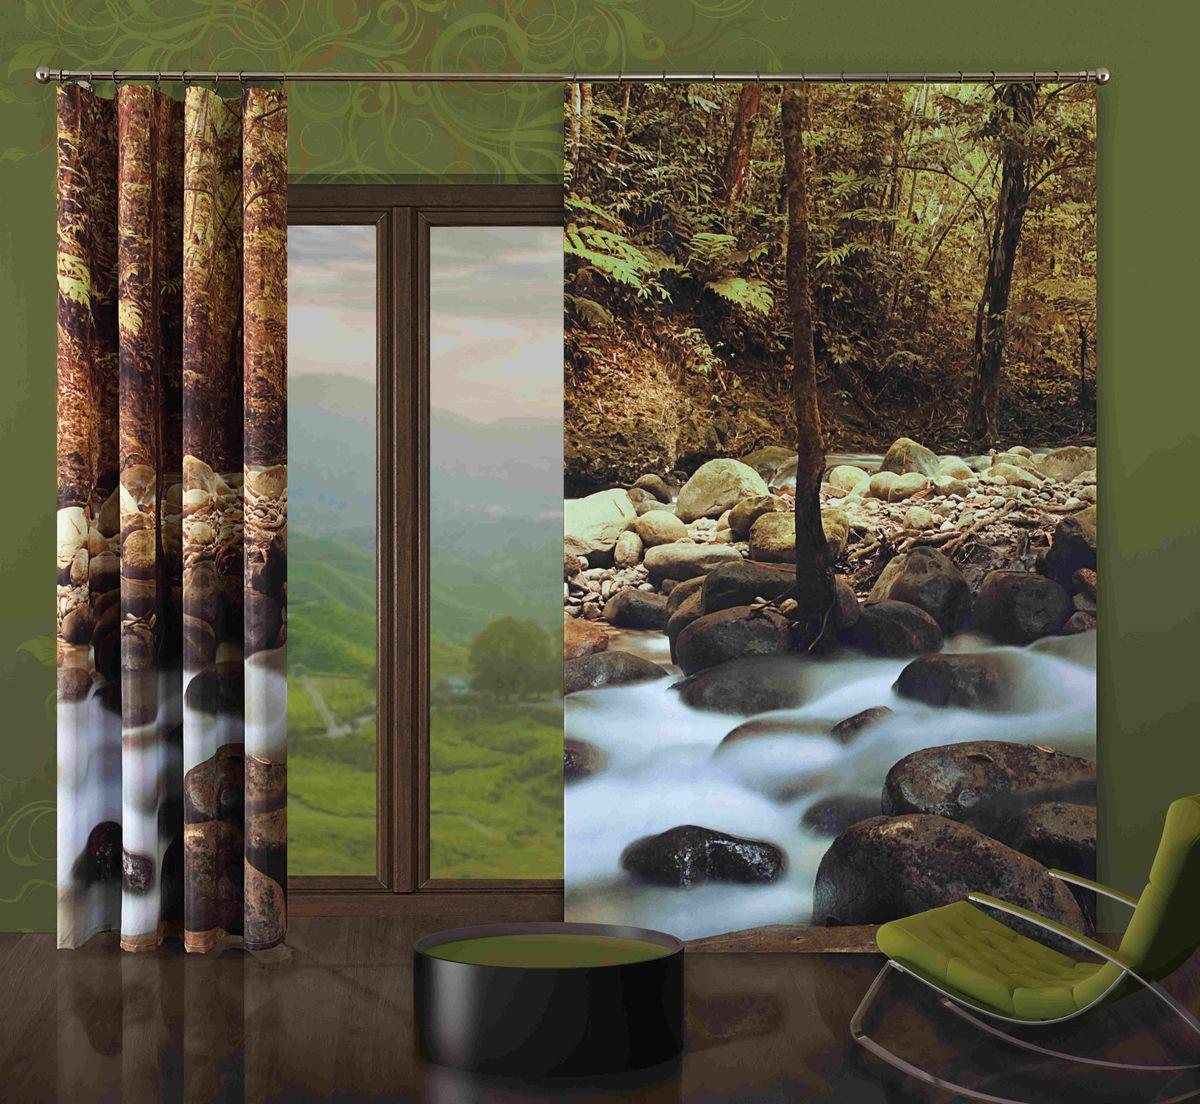 Комплект гардин-панно Wisan Kamienie, на ленте, цвет: коричневый, серый, высота 250 смUN111457620Комплект гардин-панно Wisan Kamienie, изготовленный из полиэстера, станет великолепным украшением любого окна. В комплект входят 2 плотные гардины с изображением камней и леса.Качественный материал, оригинальный дизайн и приятная цветовая гамма привлекут к себе внимание и органично впишутся в интерьер. Комплект оснащен шторной лентой для красивой сборки.В комплект входит: Гардин-панно - 2 шт. Размер (ШхВ): 150 см х 250 см. Фирма Wisan на польском рынке существует уже более пятидесяти лет и является одной из лучших польских фабрик по производству штор и тканей. Ассортимент фирмы представлен готовыми комплектами штор для гостиной, детской, кухни, а также текстилем для кухни (скатерти, салфетки, дорожки, кухонные занавески). Модельный ряд отличает оригинальный дизайн, высокое качество. Ассортимент продукции постоянно пополняется.